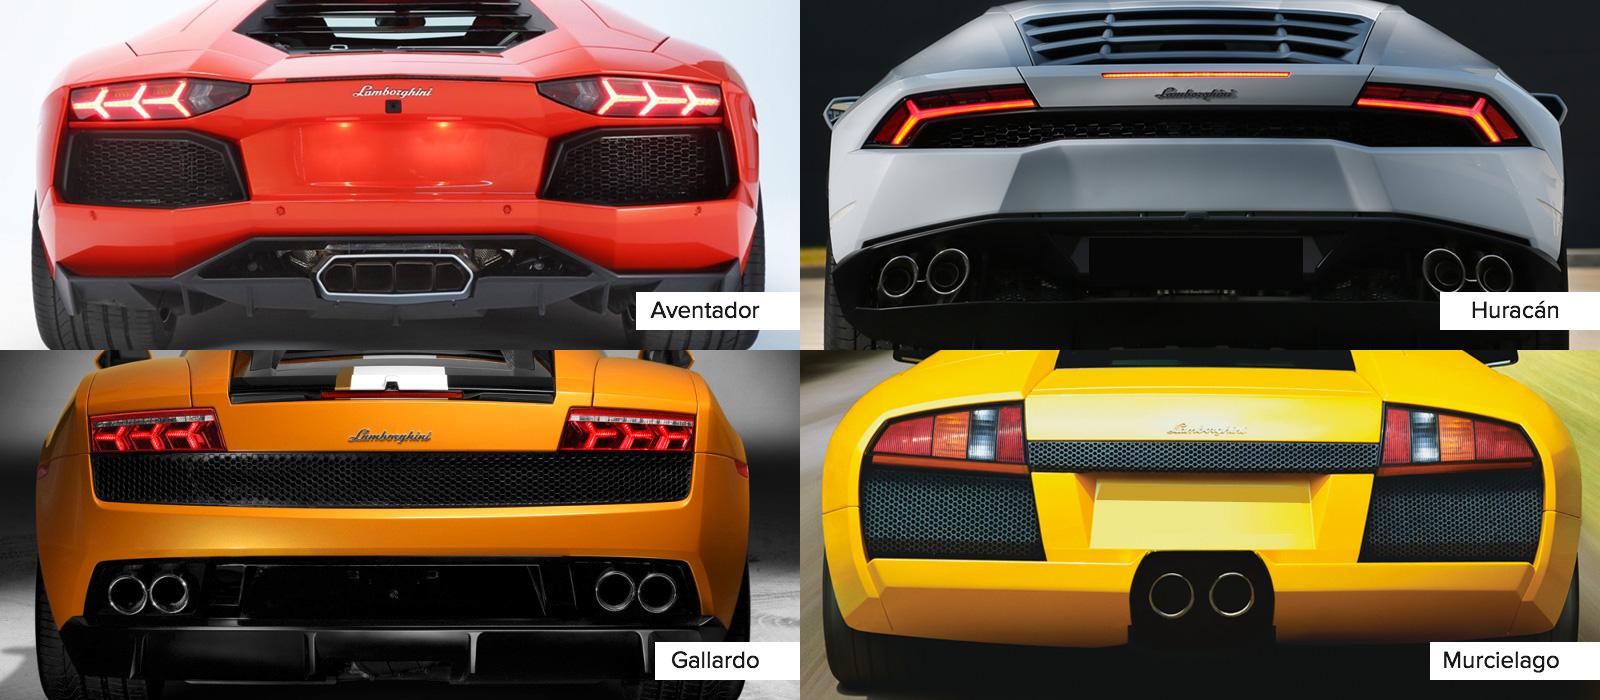 Lamborghini រាងដូចៗគ្នាអ៊ីចឹង ធ្វើម៉េចអាចមើលដឹងថាជាម៉ូដែលណាទៅ?